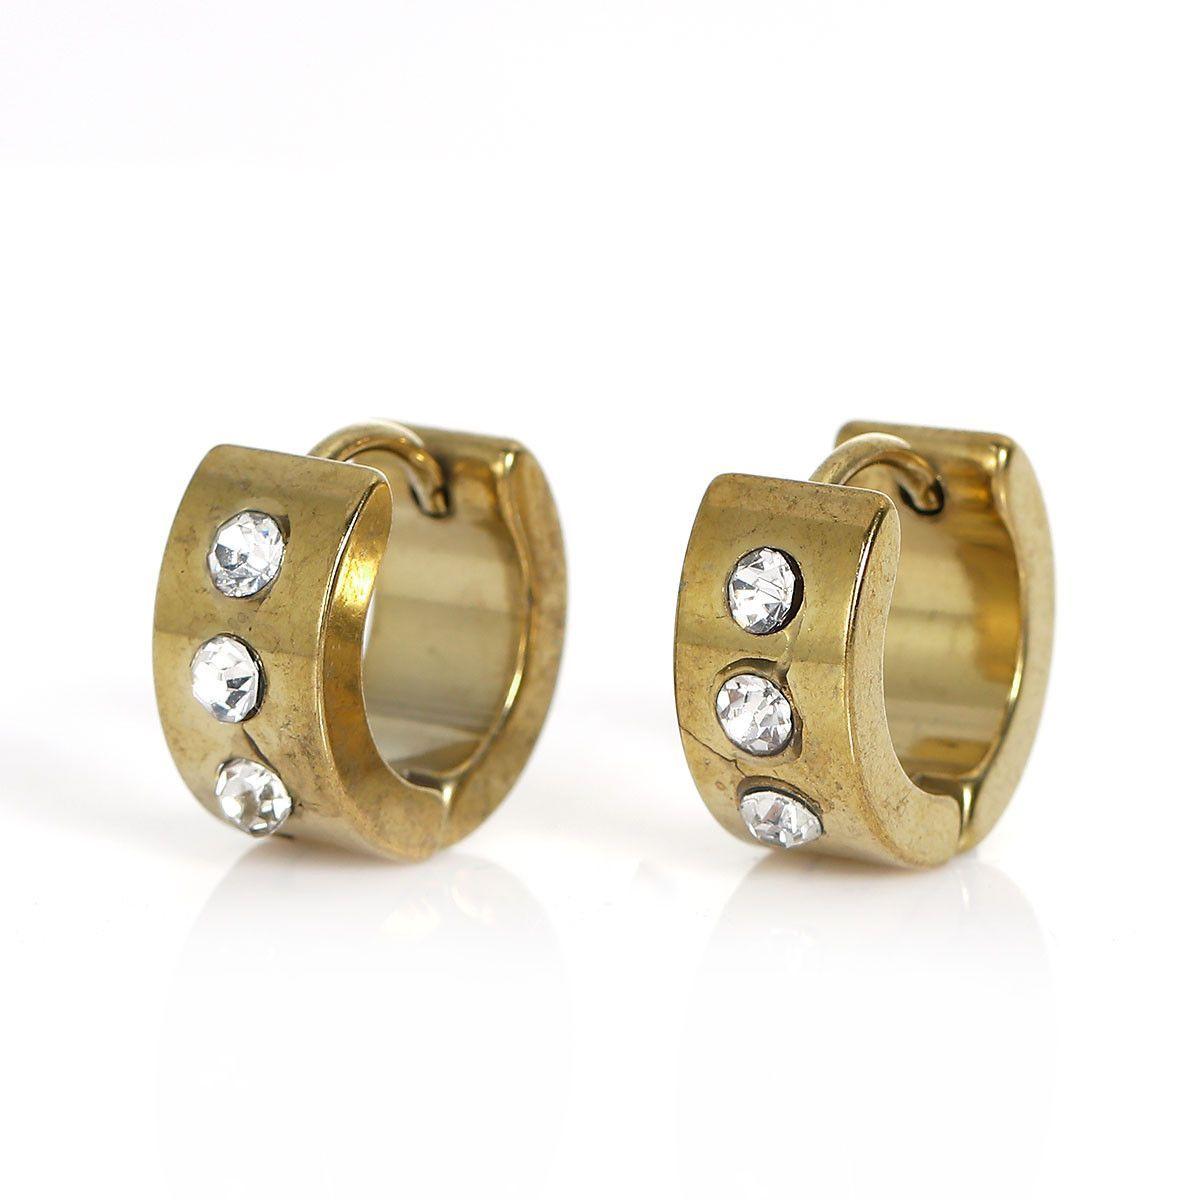 Piercing ideas men  Sexy Sparkles Titanium Steel Mens Womens Hoop Earrings Piercings